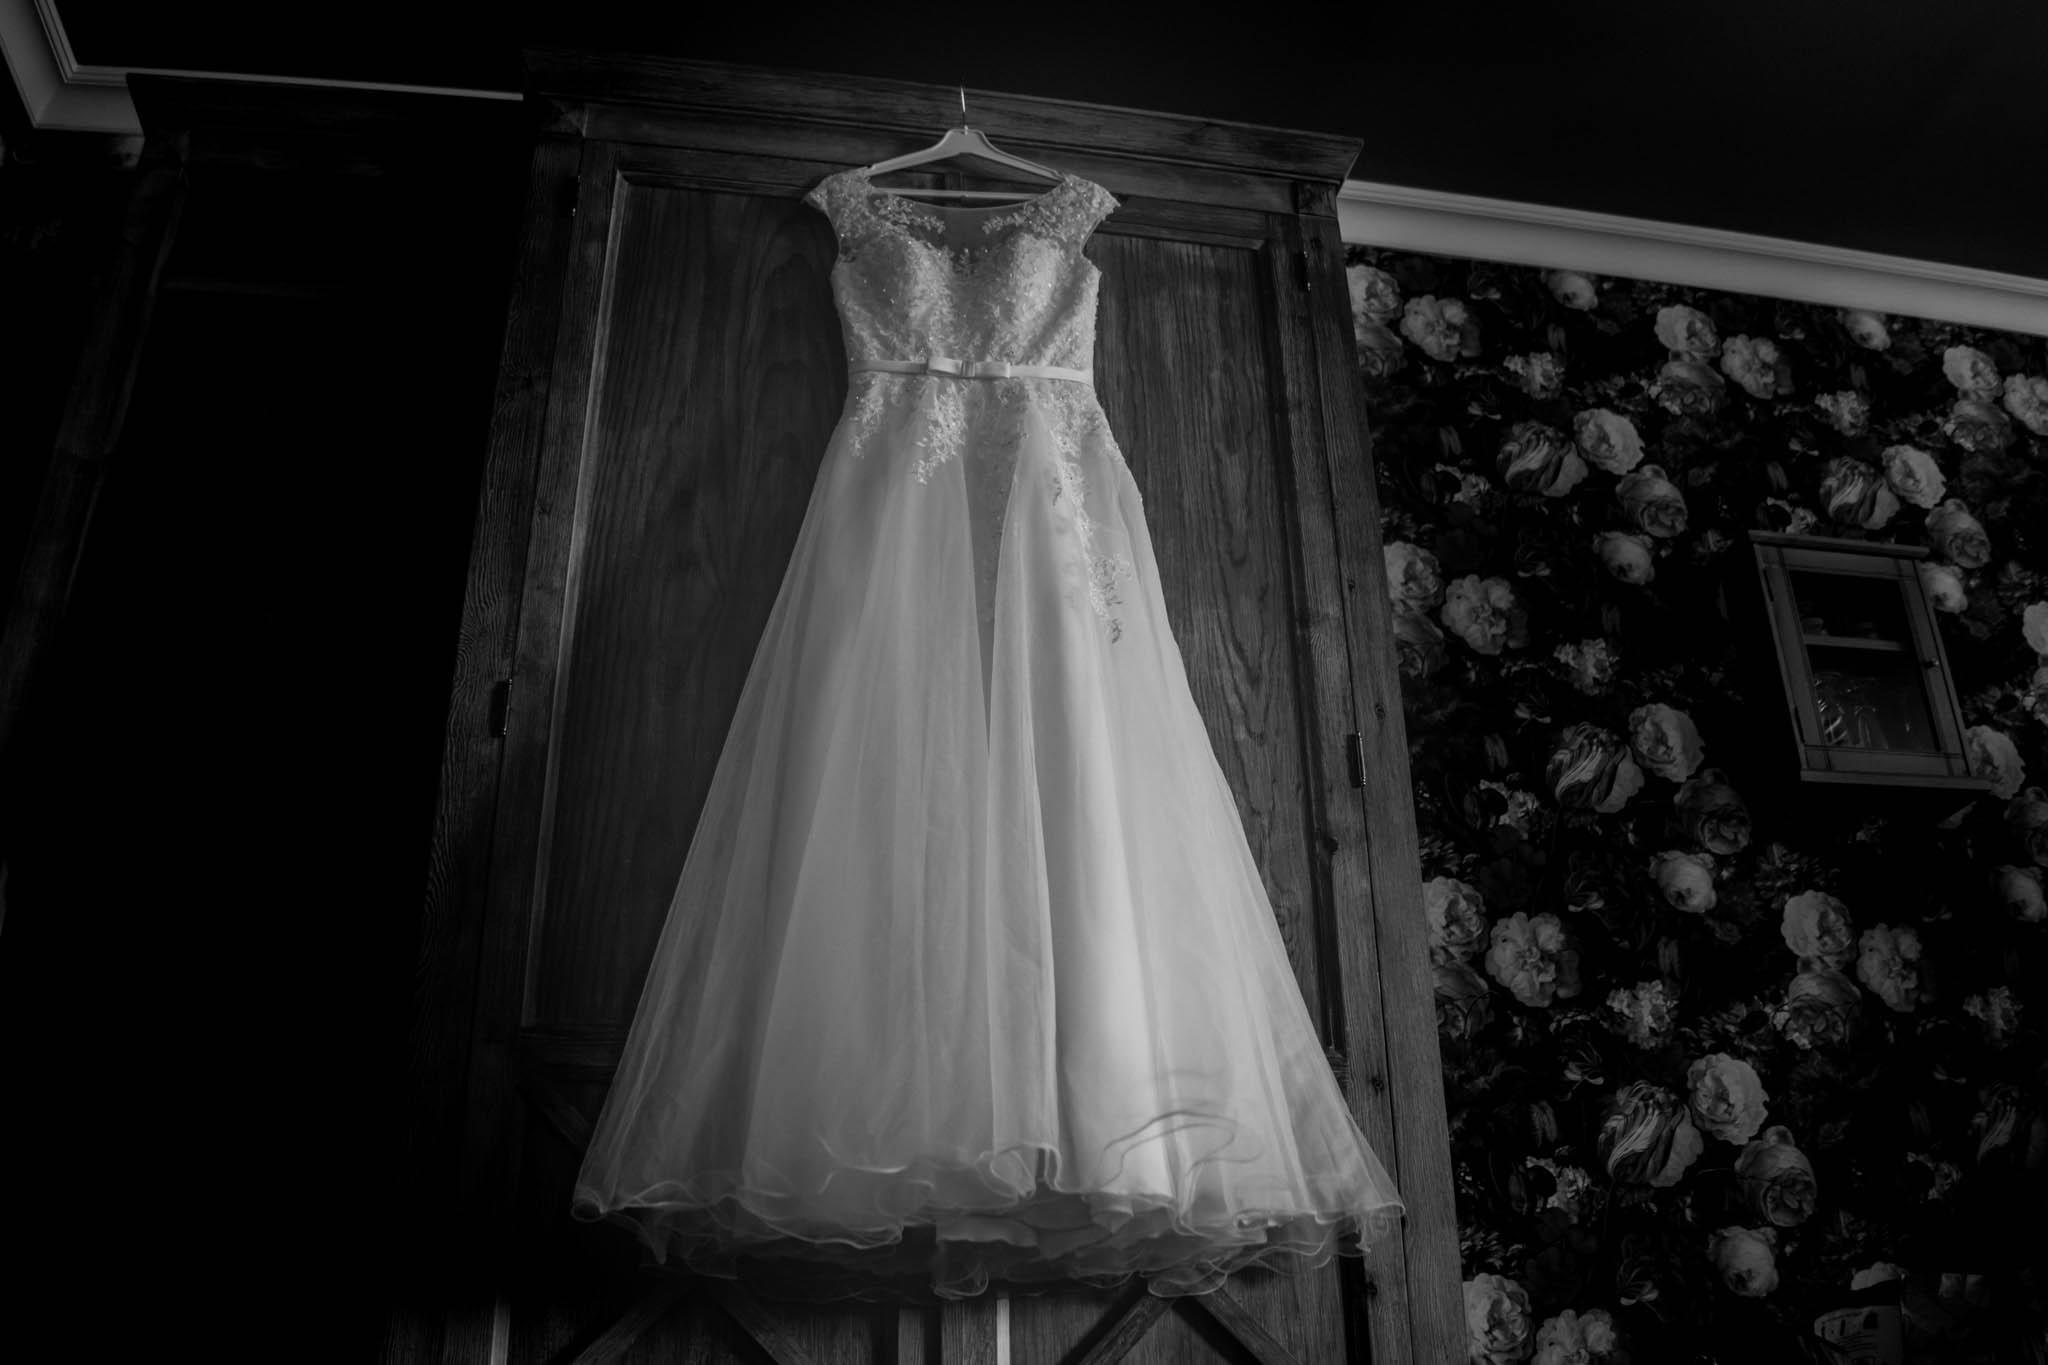 Hochzeitsfieber by Photo-Schomburg, Hochzeitsfotograf, Hamburg,Hochzeitstag, Hochzeitspaar, Braut, Bräutigam, Kaltenkirchen-1